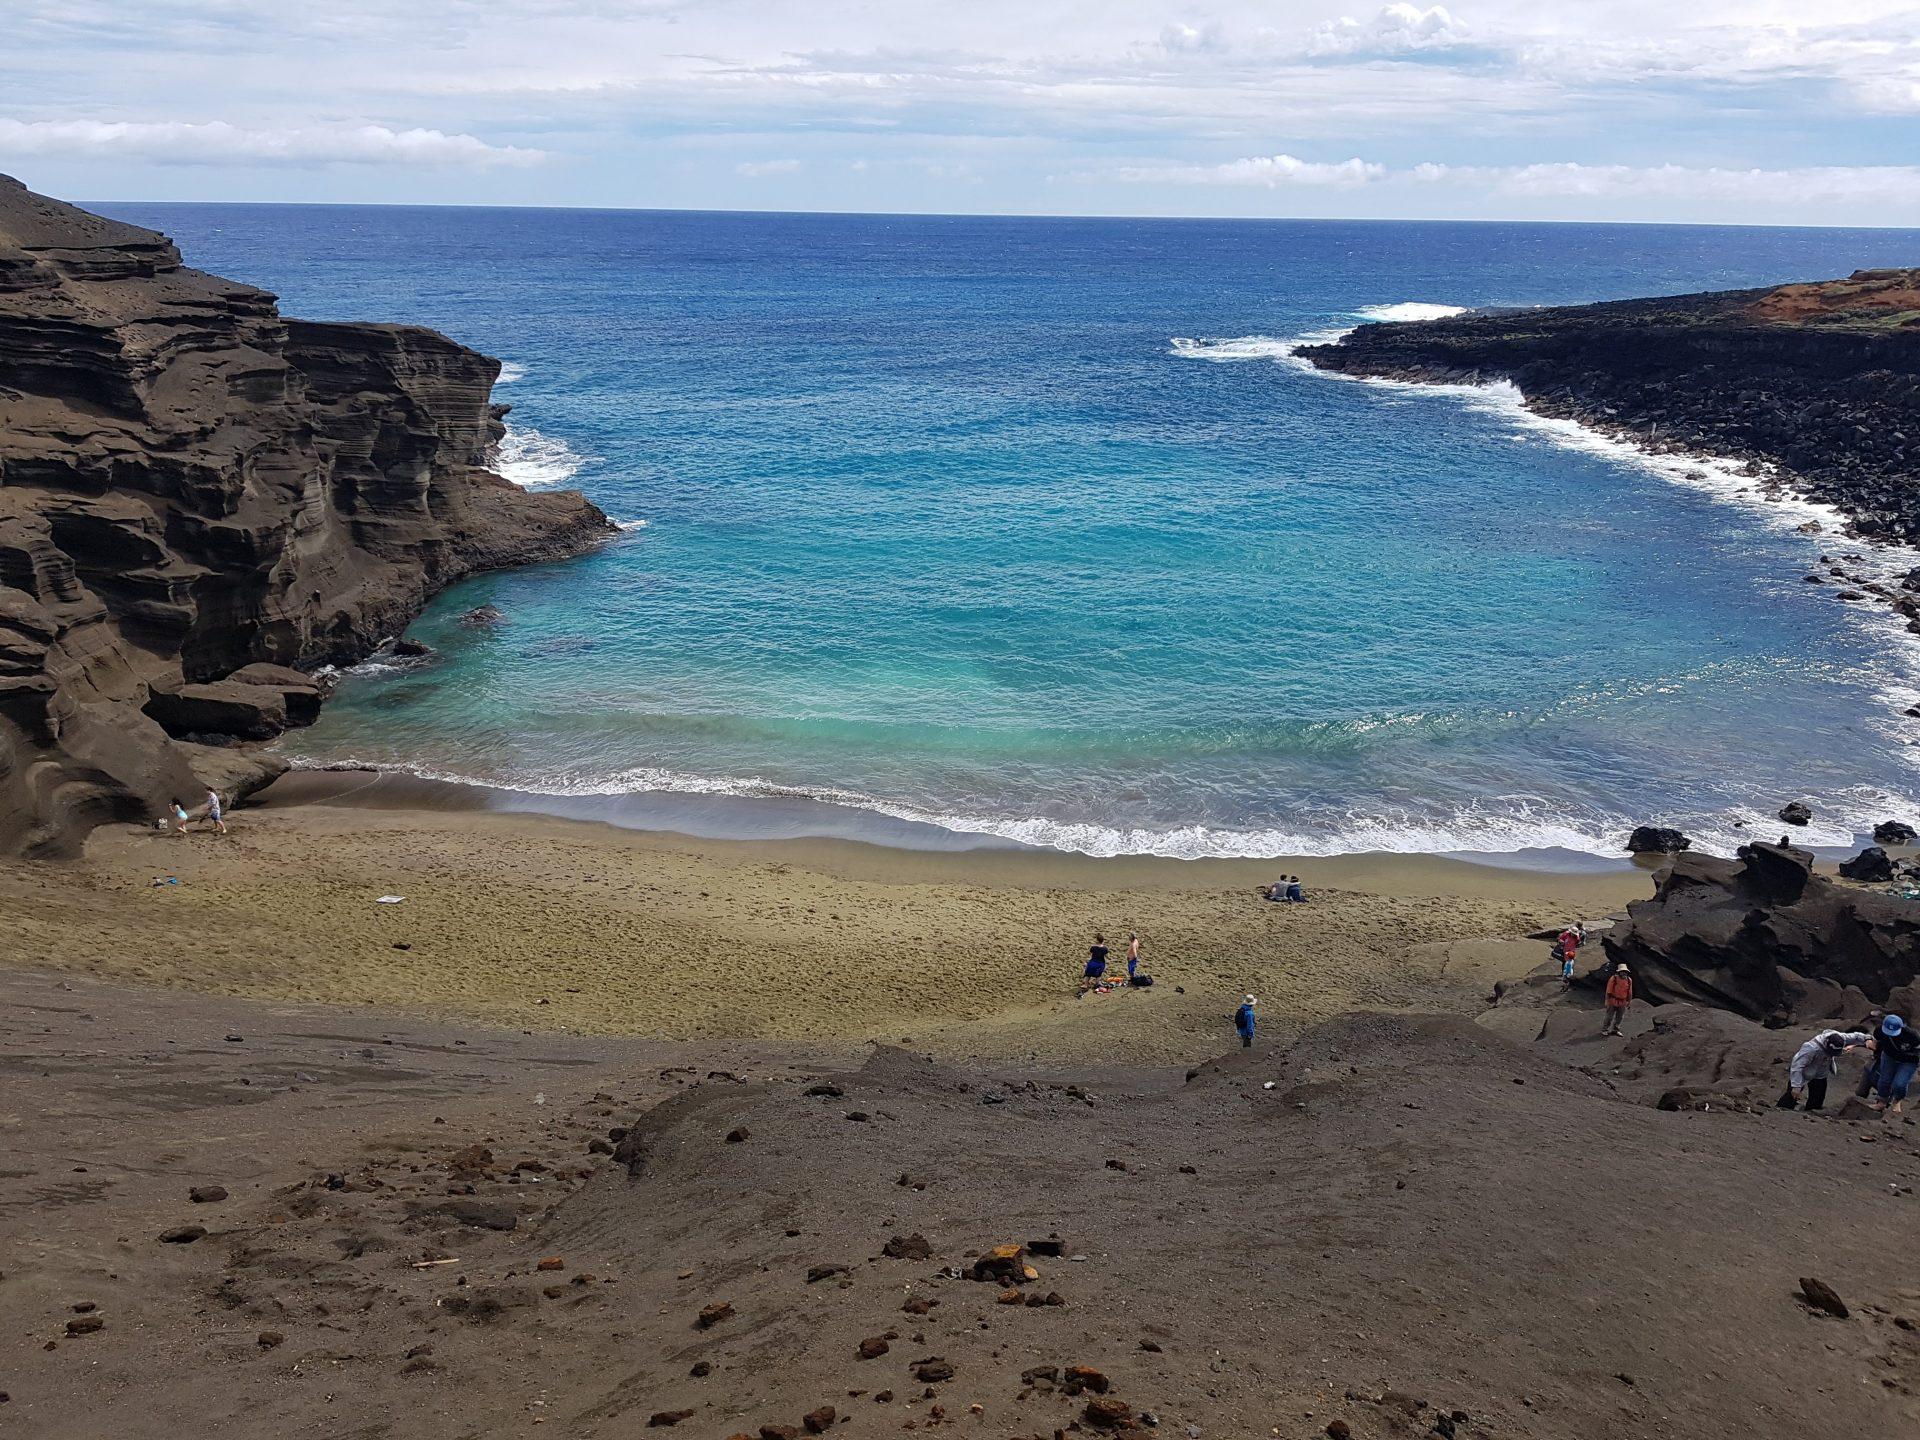 As praias de Big Island